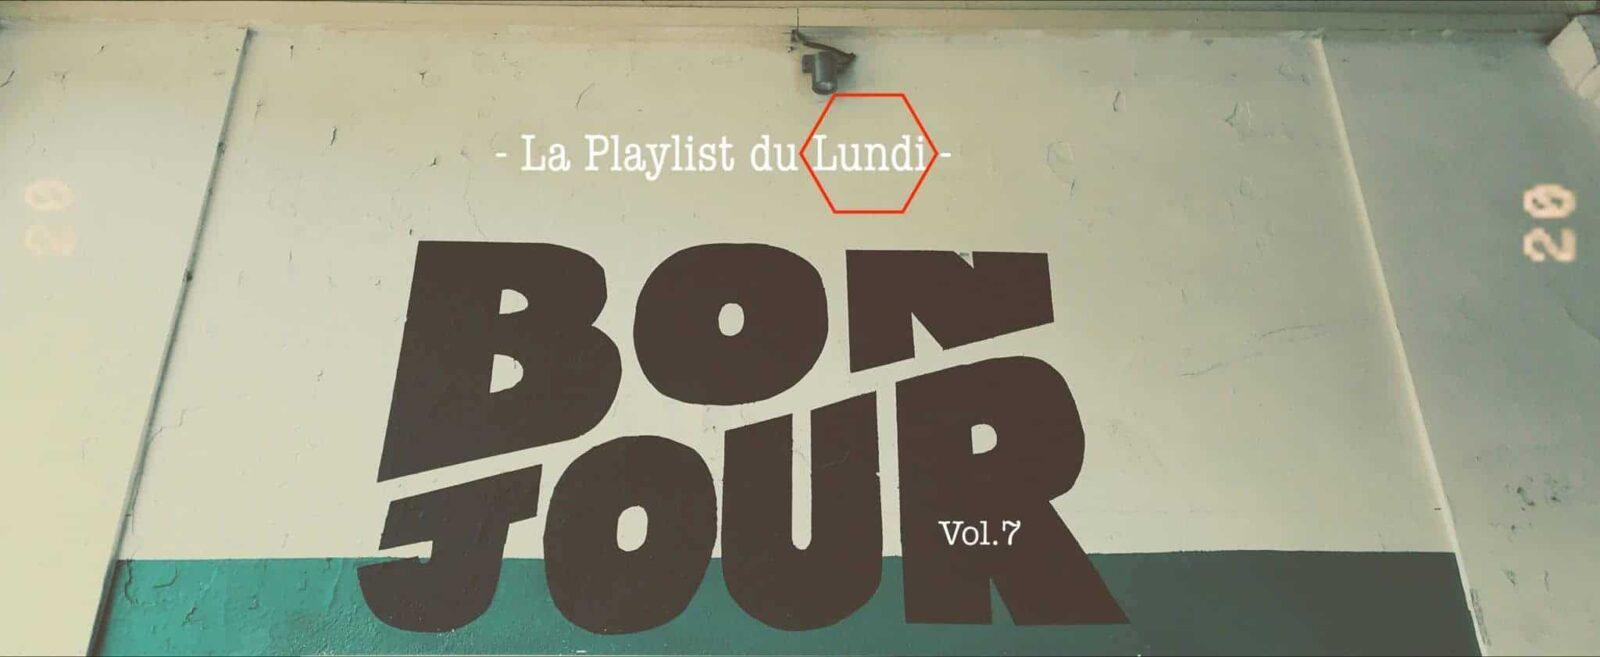 Couverture article playlist de musique Sur les platines Vol.7.